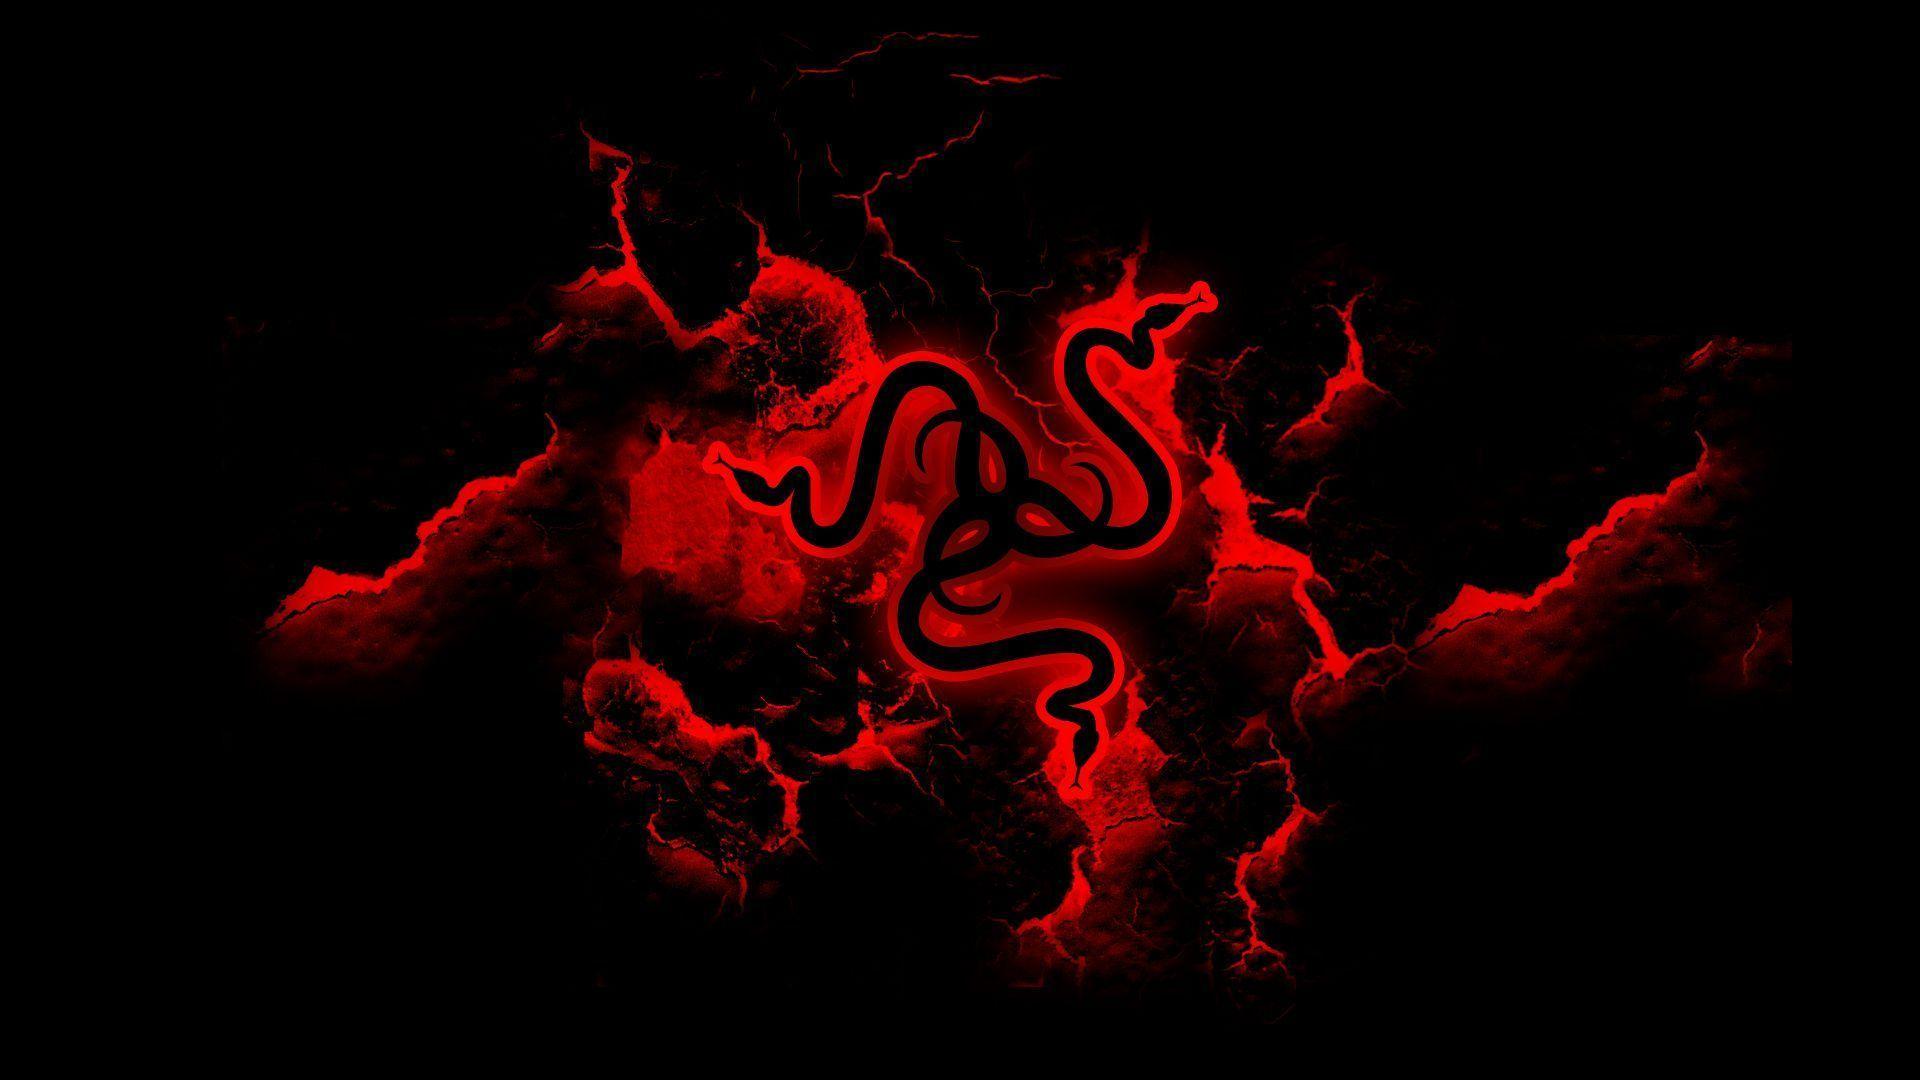 Red Theme Gaming Wallpaper Imagem De Fundo De Computador Imagens Full Hd Papel De Parede Pc